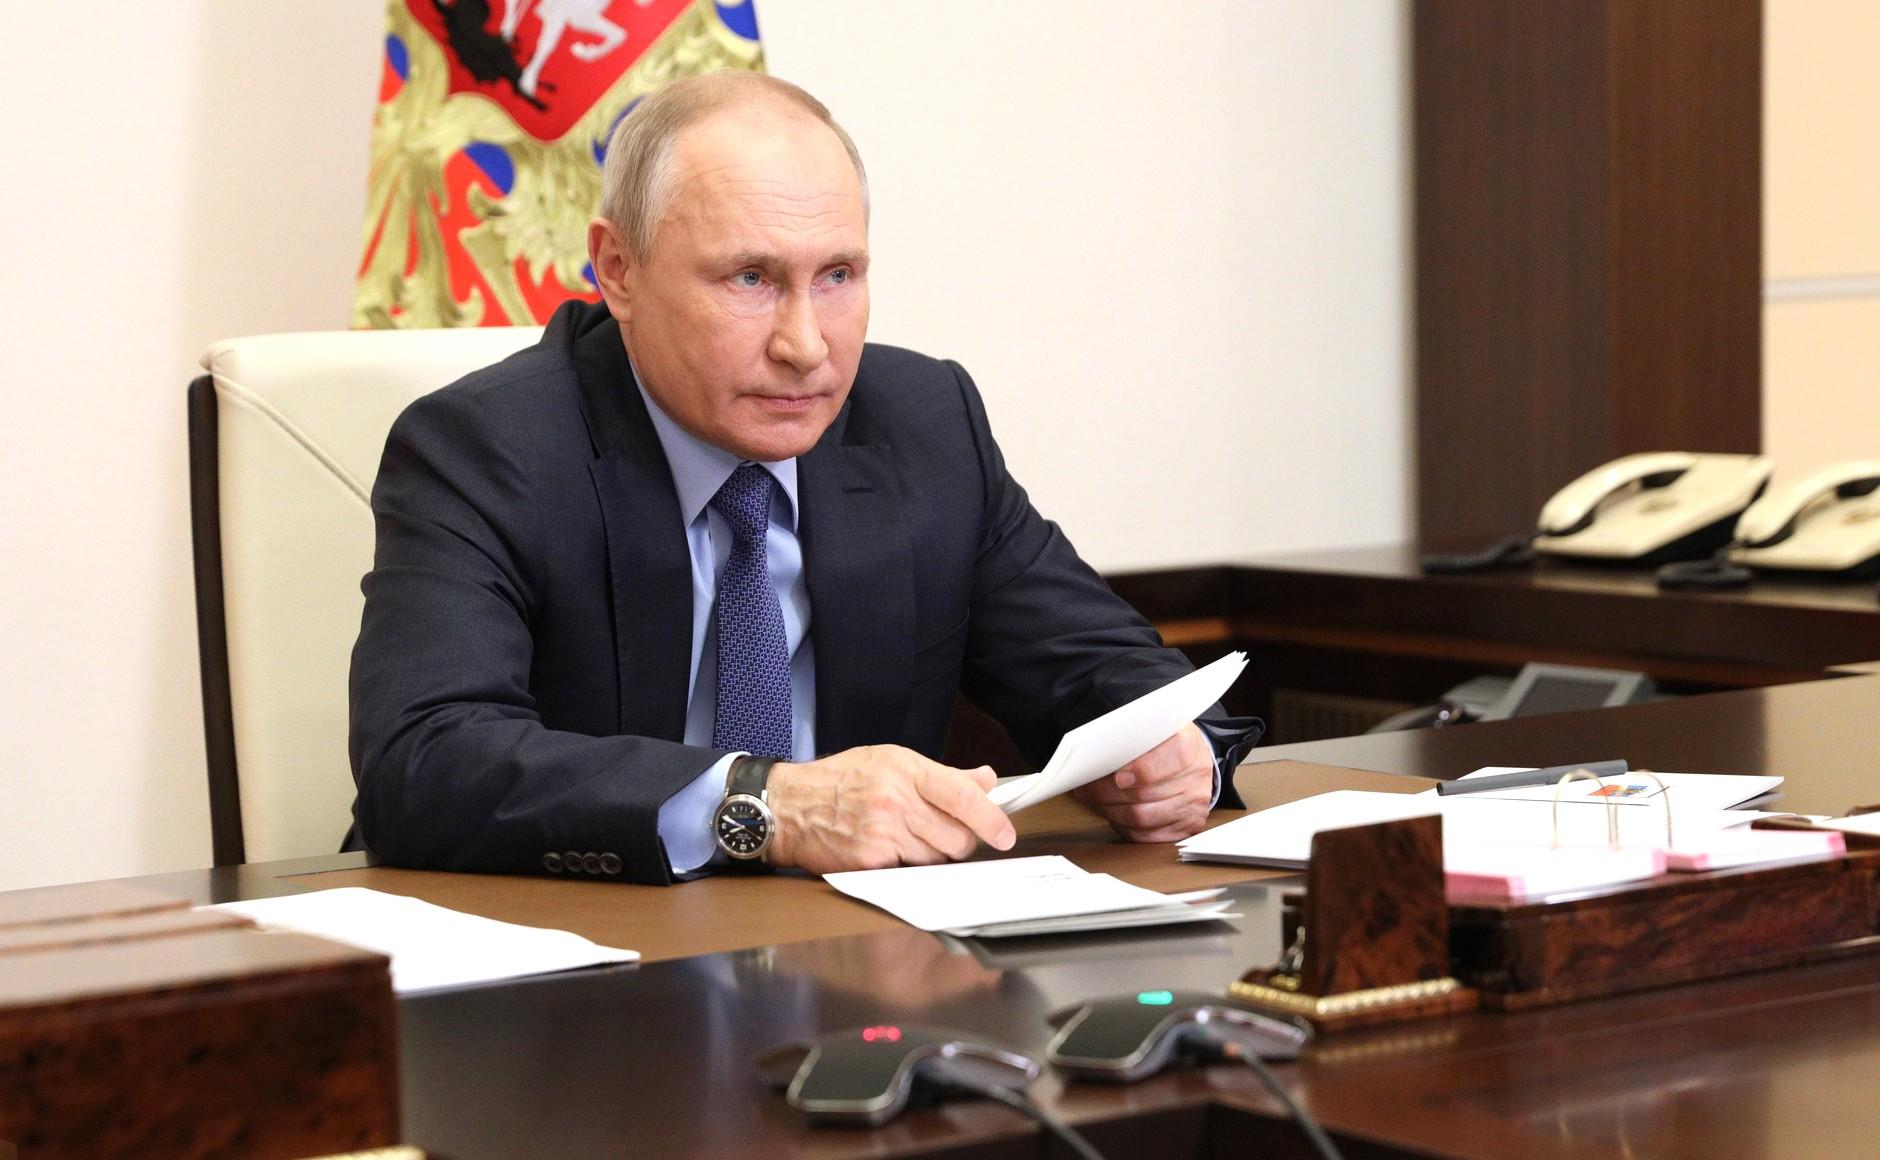 20210522_10-21-Кургинян о Солженицыне и Ельцин-Центре- Россия еще живет по инерции 1990-х-pic1